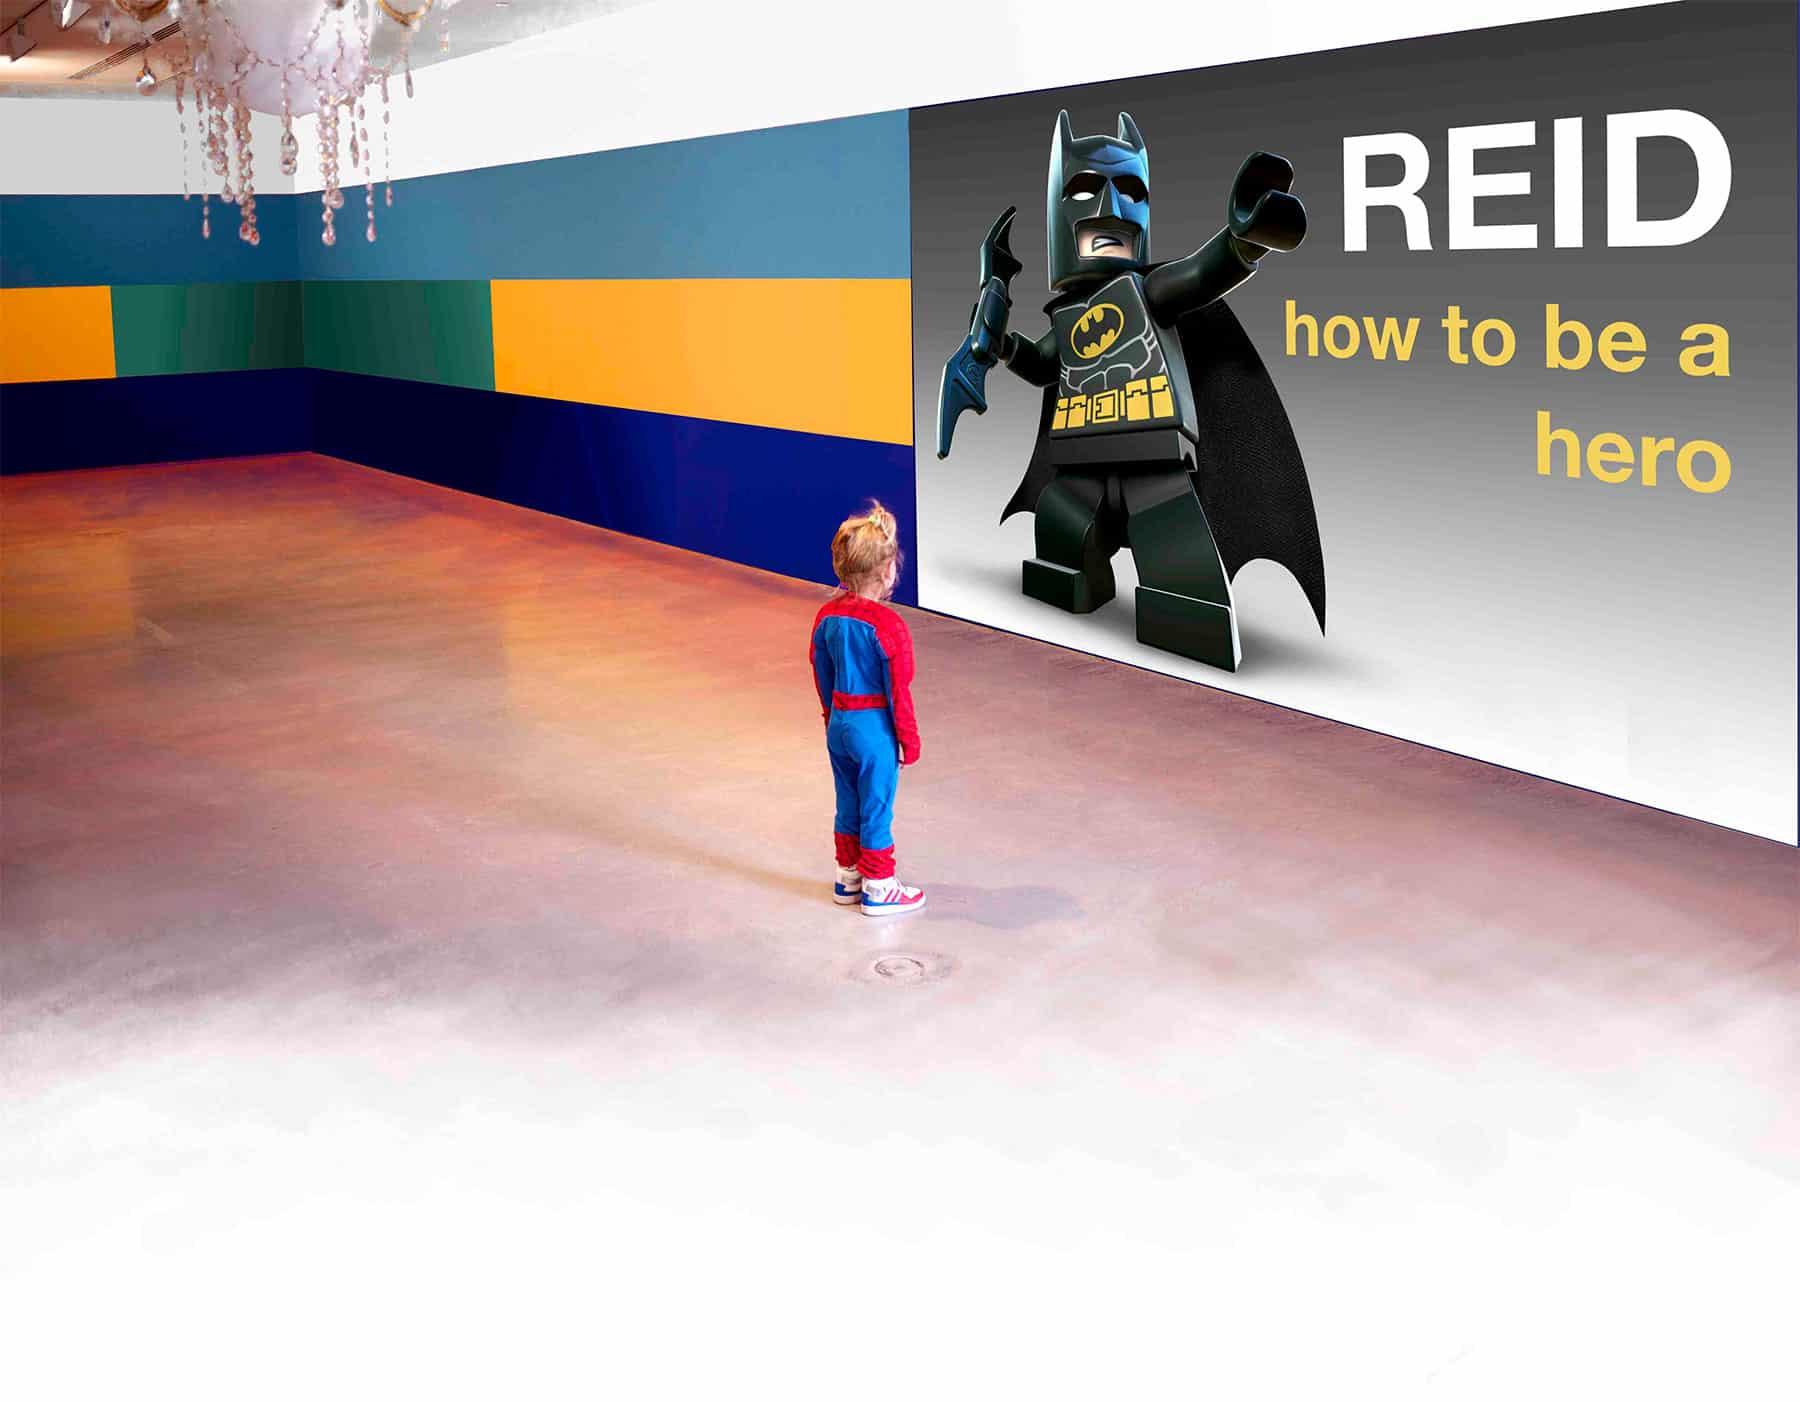 ICN_Front_page_Reid_hero_batman-1800x1402